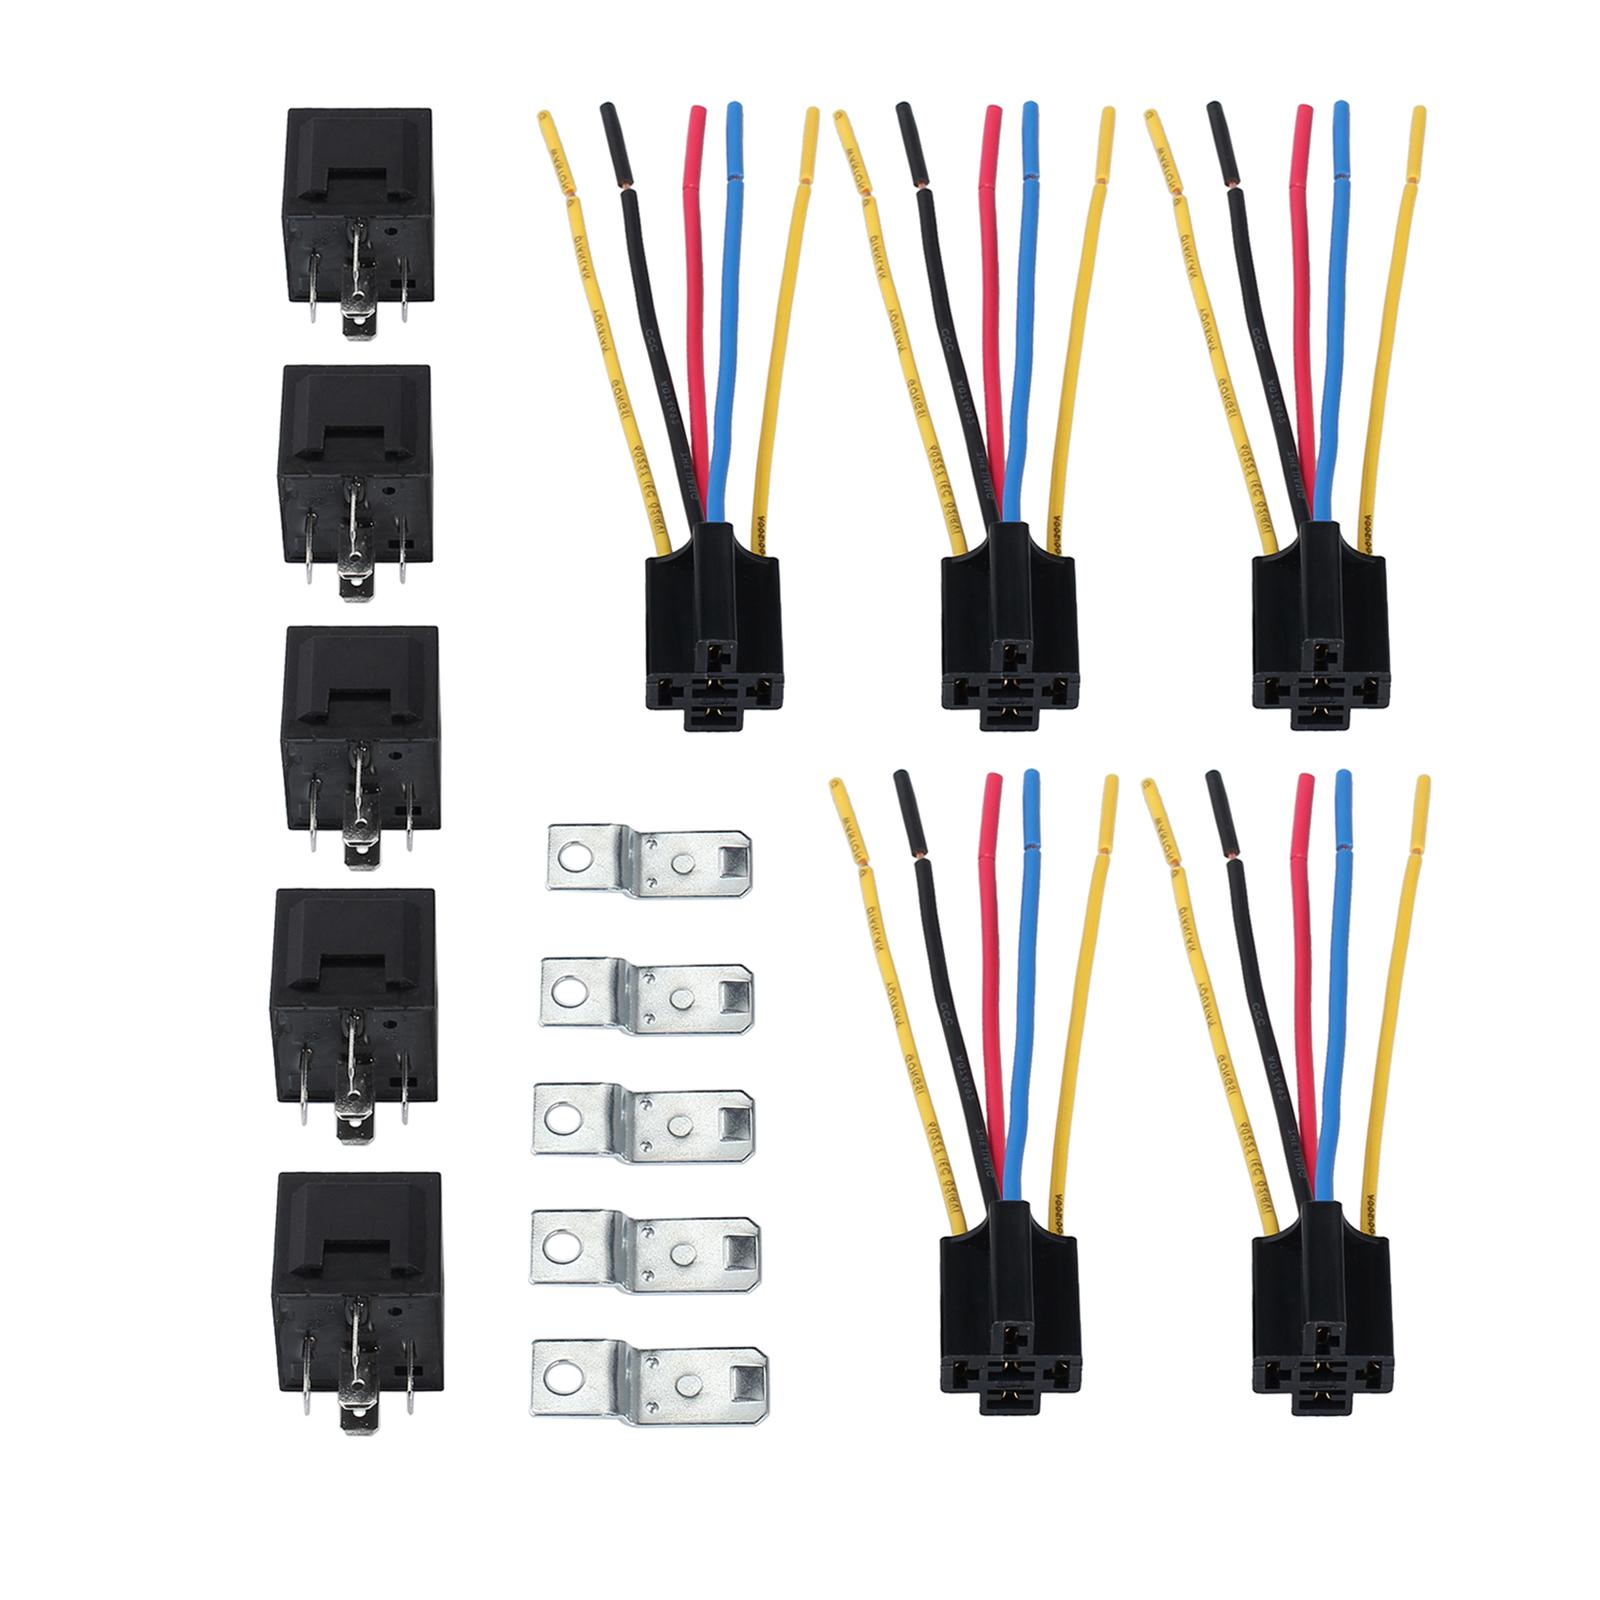 5x dc 12v 40a amp relay socket spdt 5 pin 5 wire for car. Black Bedroom Furniture Sets. Home Design Ideas